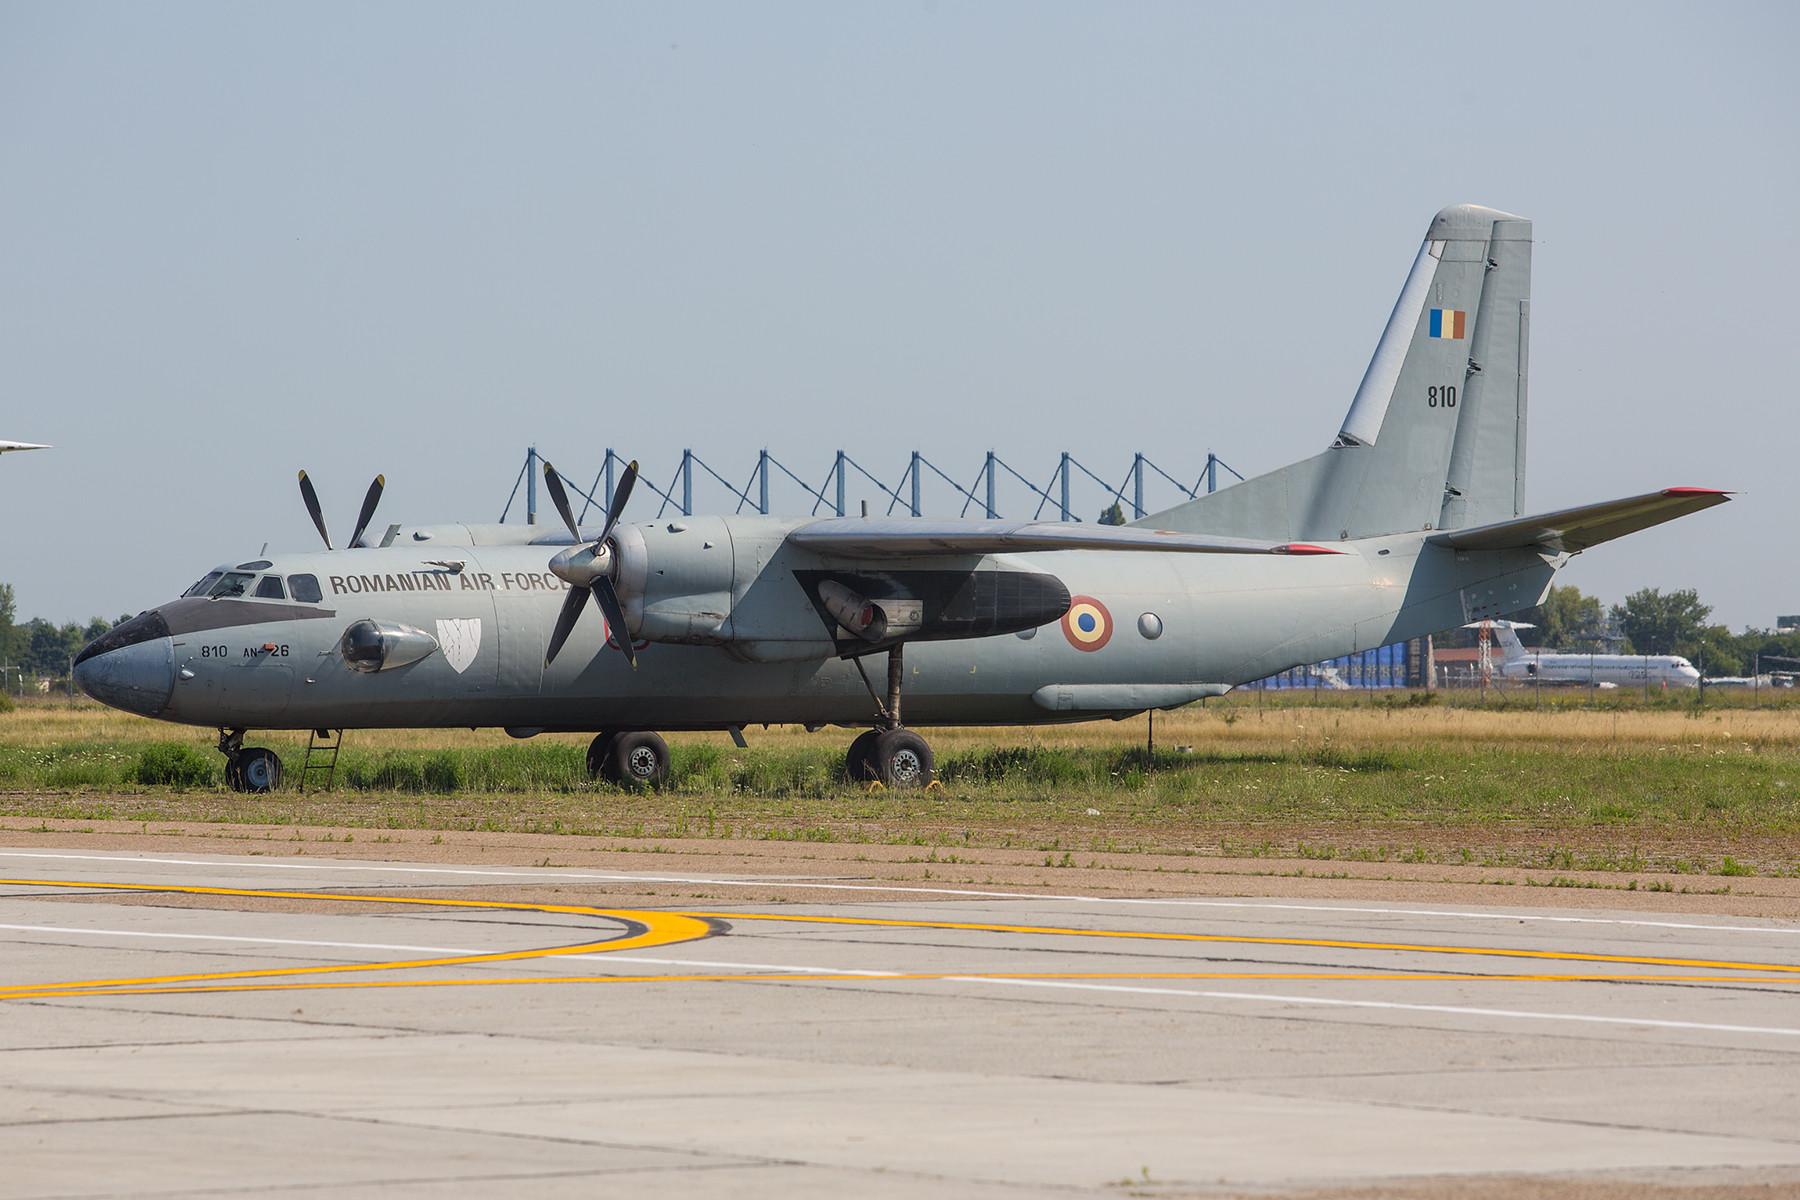 Die 810 ist eine der letzen noch vorhandenen AN-26 in Otopeni.